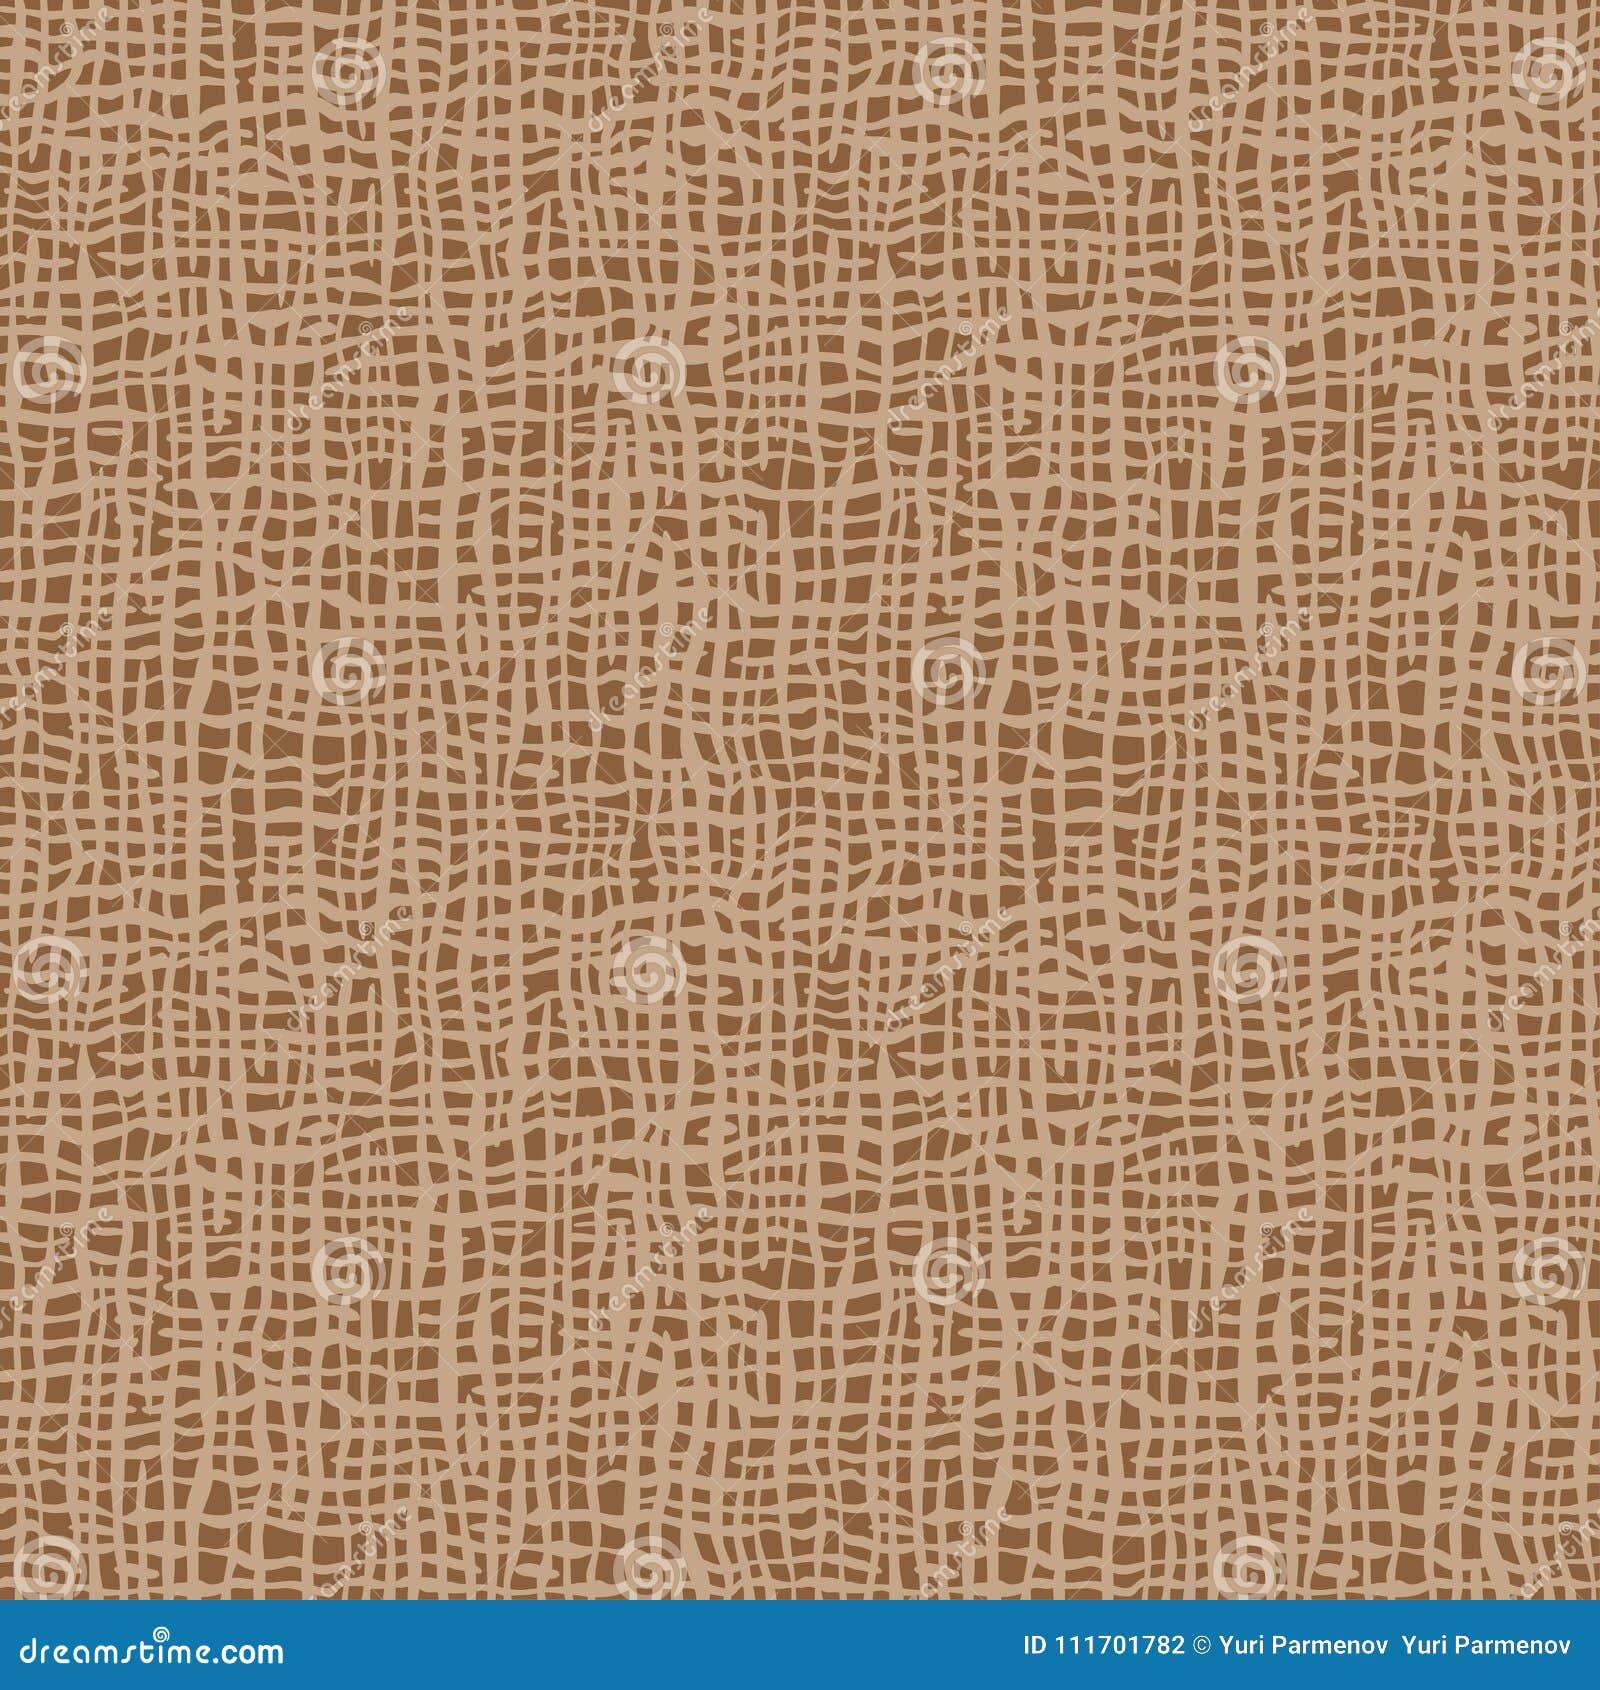 Burlap ανασκόπησης τεχνών γραφική ποικιλία σύστασης σάκων τεμαχίων υφασμάτων Καφετί ύφασμα Άνευ ραφής σχέδιο υποβάθρου καμβά Σκην